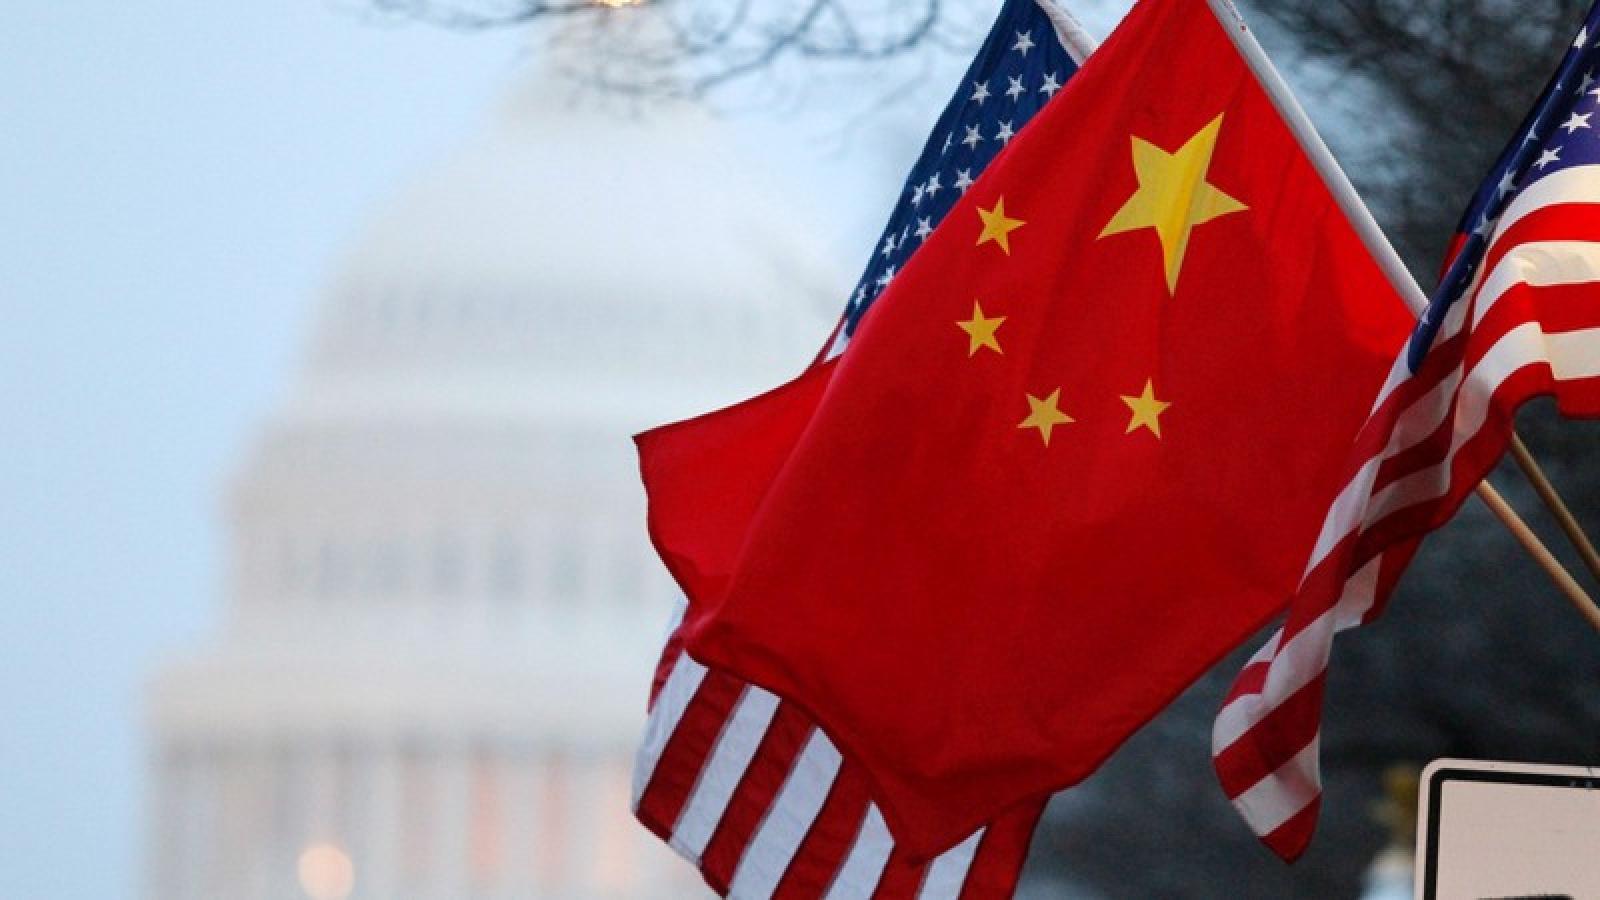 Căng thẳng Mỹ-Trung và hệ luỵ về thương mại, công nghệ, an ninh